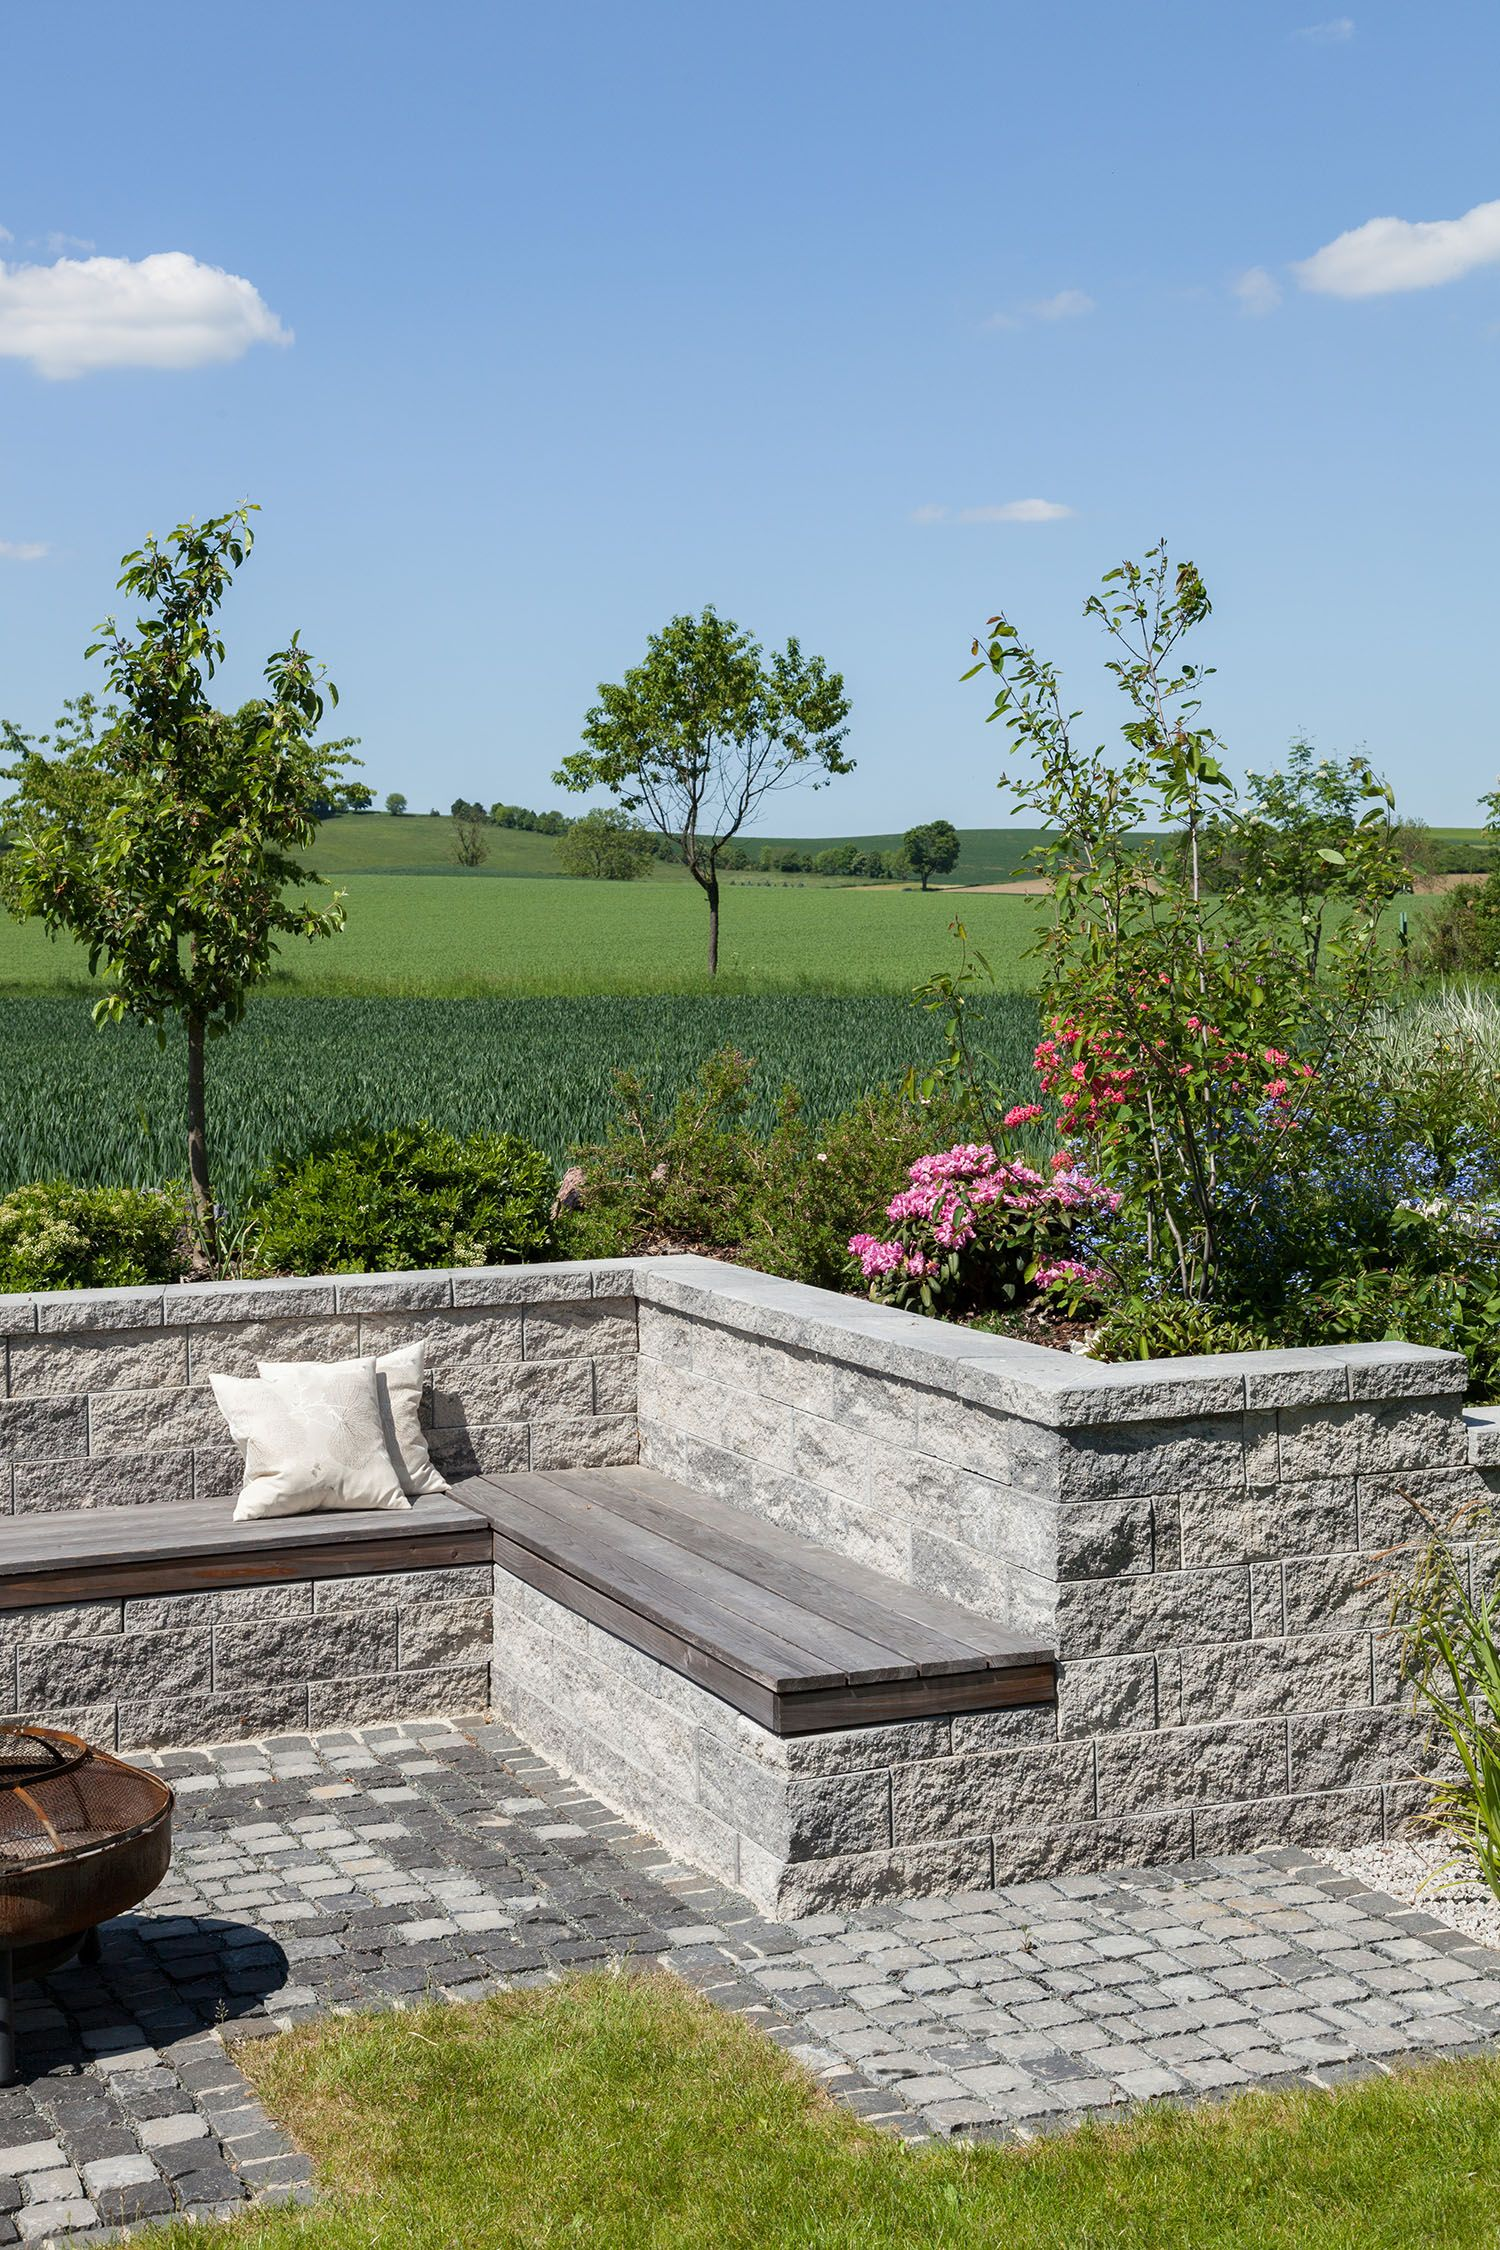 Hier Verbringt Man Gerne Stunden Im Grunen An Der Luft Sitzmoglichkeit Auf Der York Mauer Ist Eine Tolle G Garten Landschaftsbau Garten Gartengestaltung Ideen